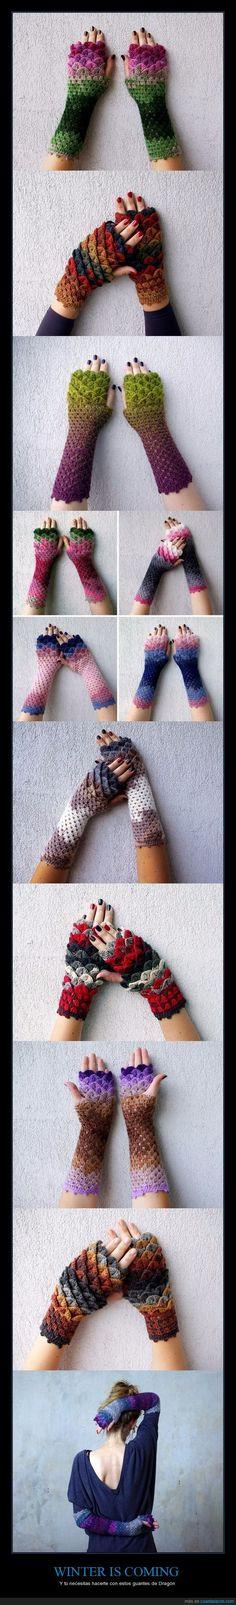 WINTER IS COMING - Y tú necesitas hacerte con estos guantes de Dragón   Gracias a http://www.cuantarazon.com/   Si quieres leer la noticia completa visita: http://www.estoy-aburrido.com/winter-is-coming-y-tu-necesitas-hacerte-con-estos-guantes-de-dragon/